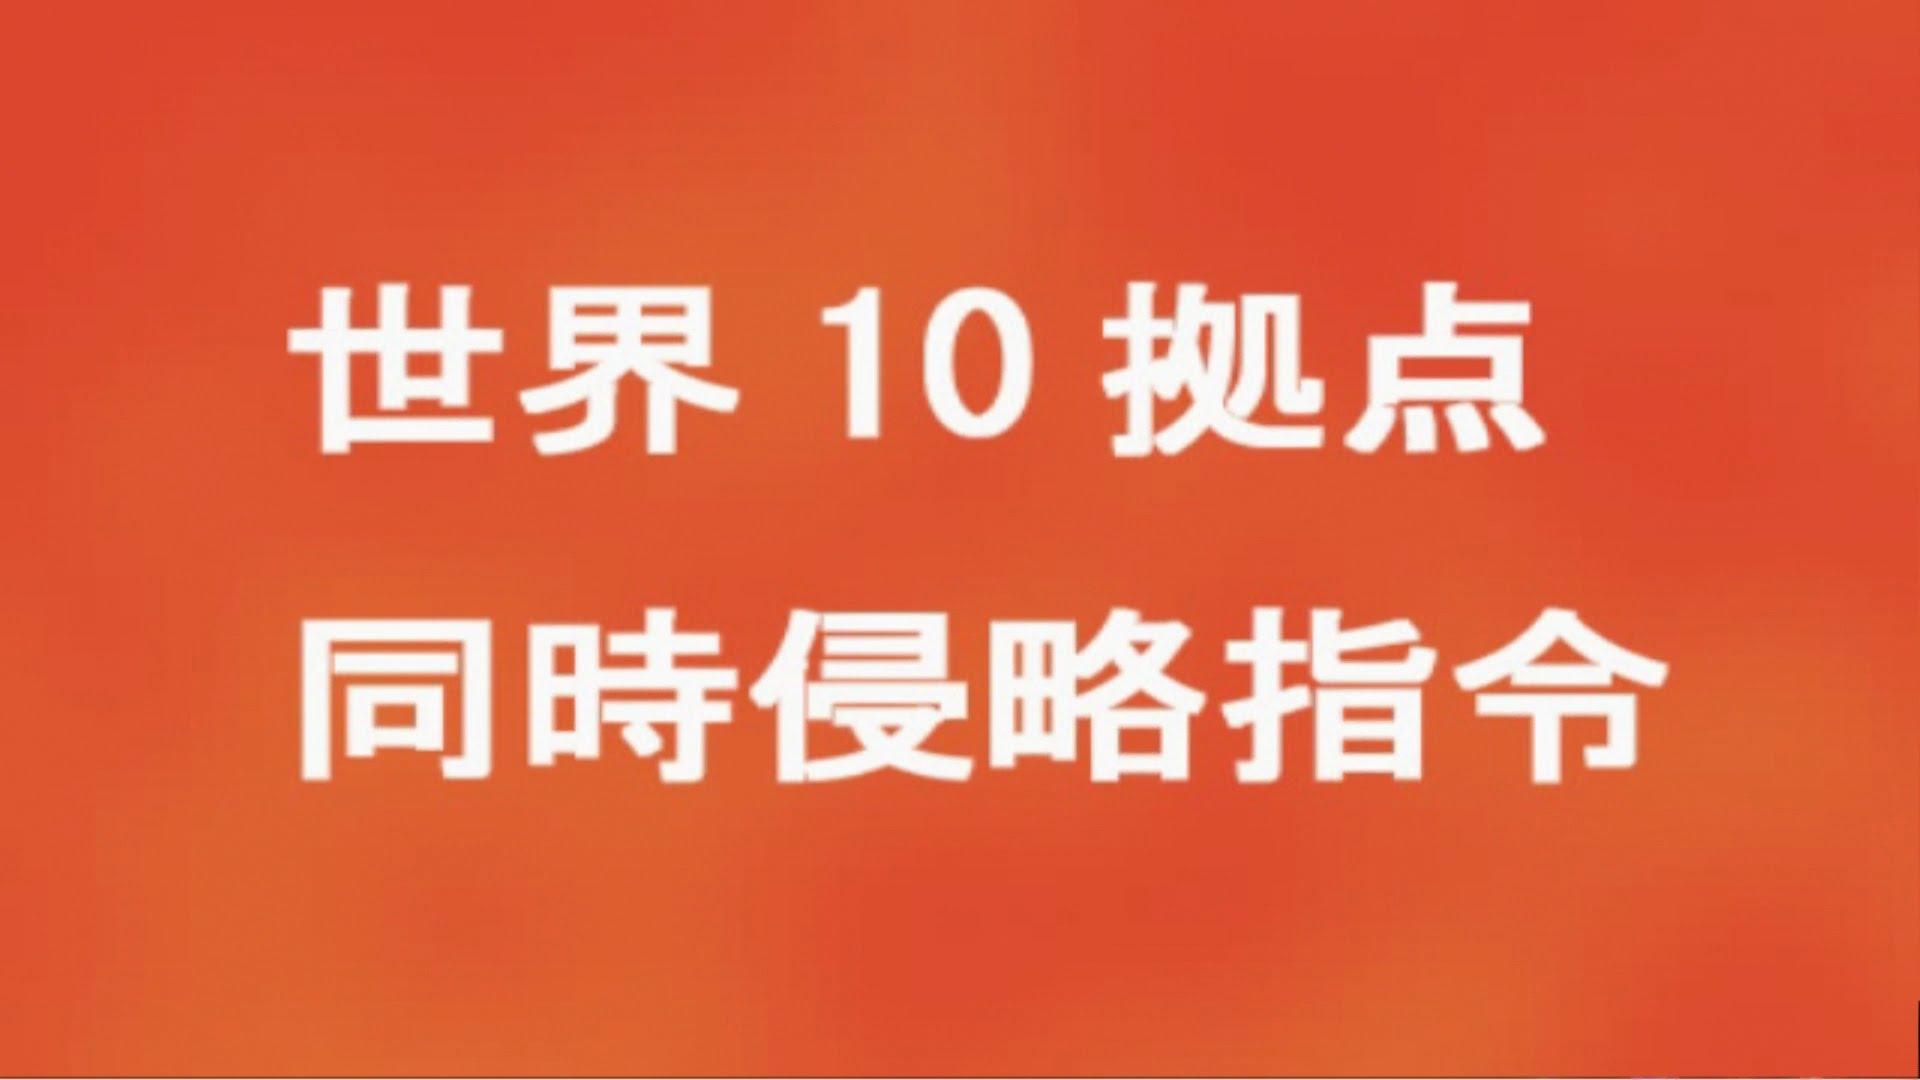 第19話「世界10拠点同時侵略指令」ウルトラマン3-FightingEvolution